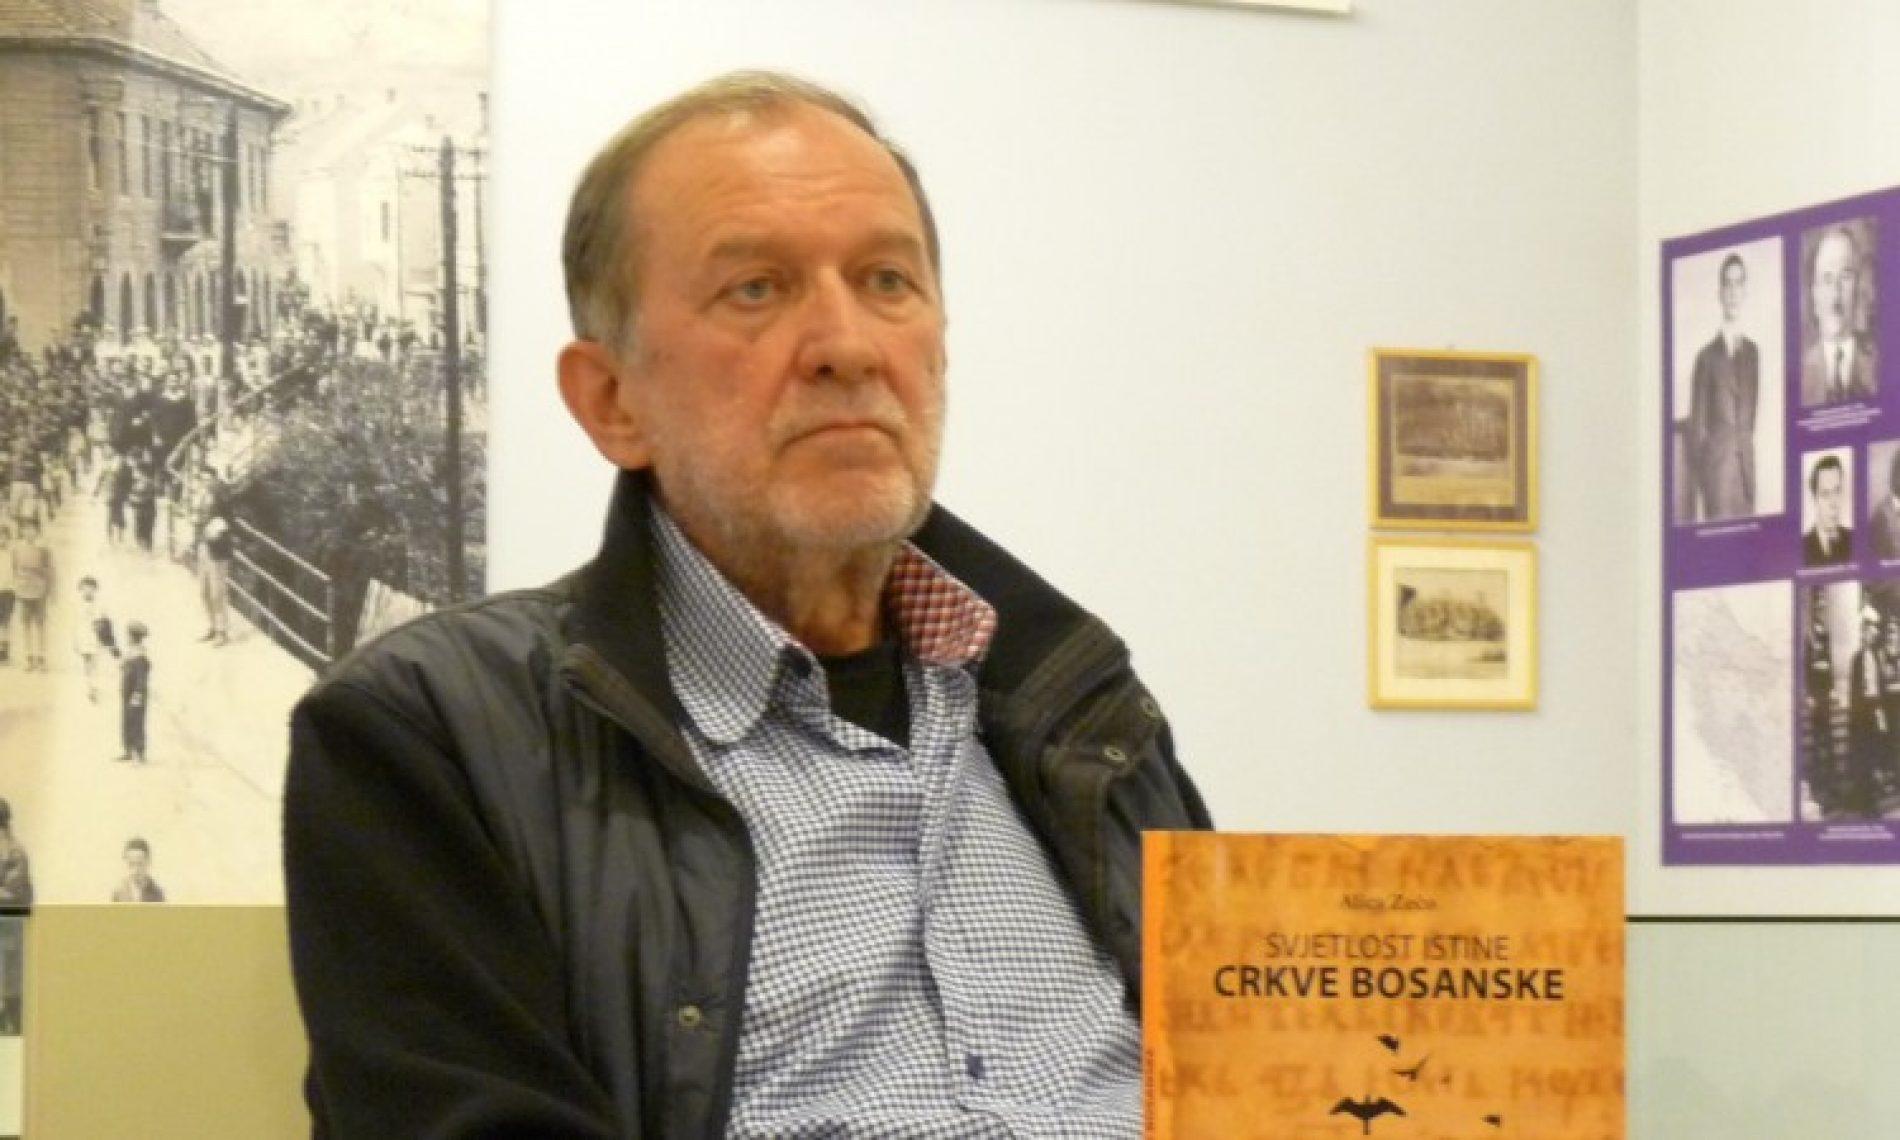 """Predstavljena knjiga """"Svjetlost istine Crkve bosanske"""""""